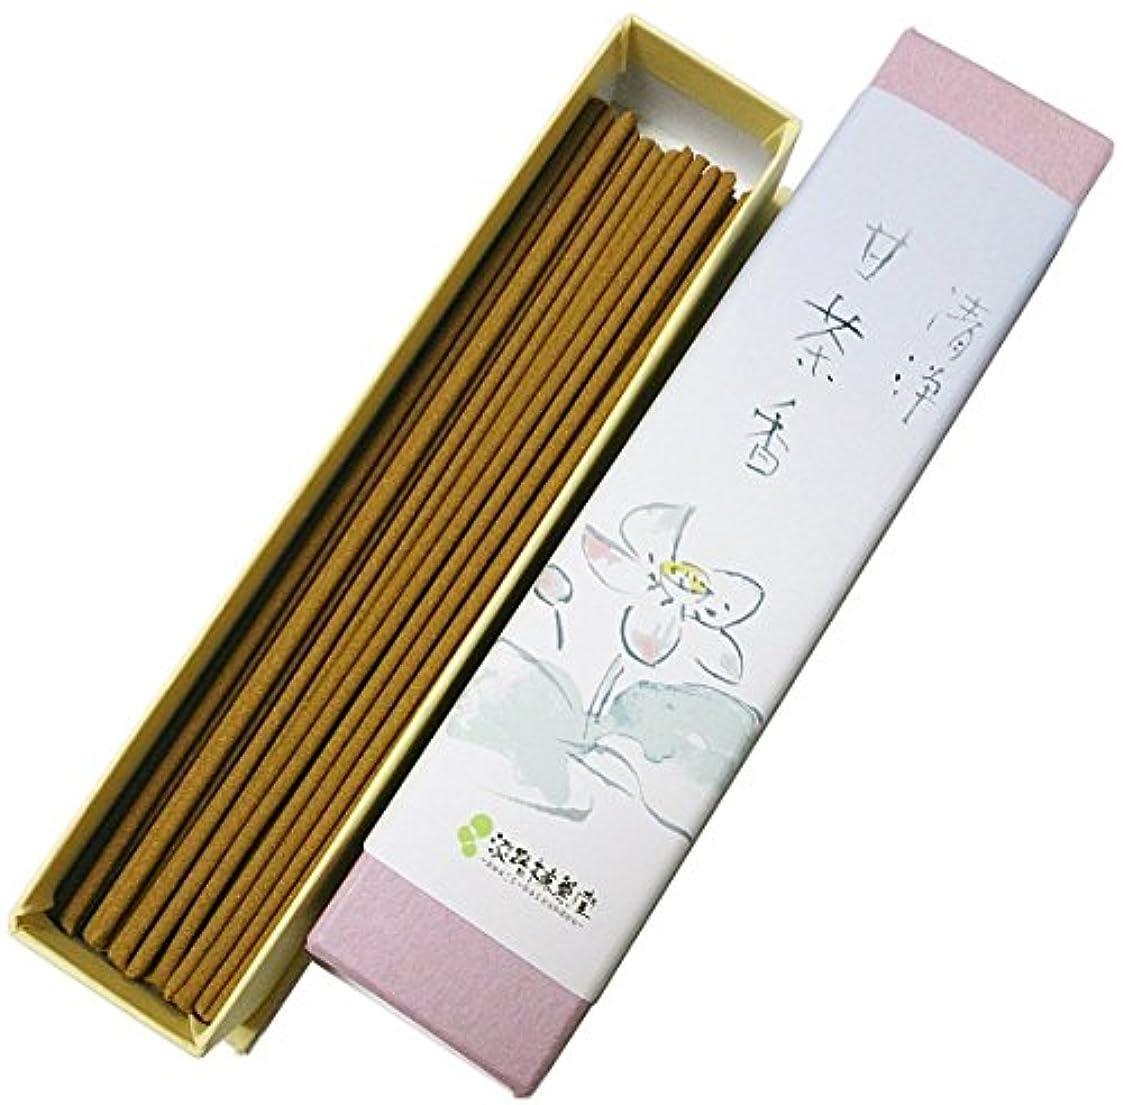 欠陥純度引き金淡路梅薫堂の浄化お香 清浄甘茶香 18g #31 ×100 japanese incense sticks